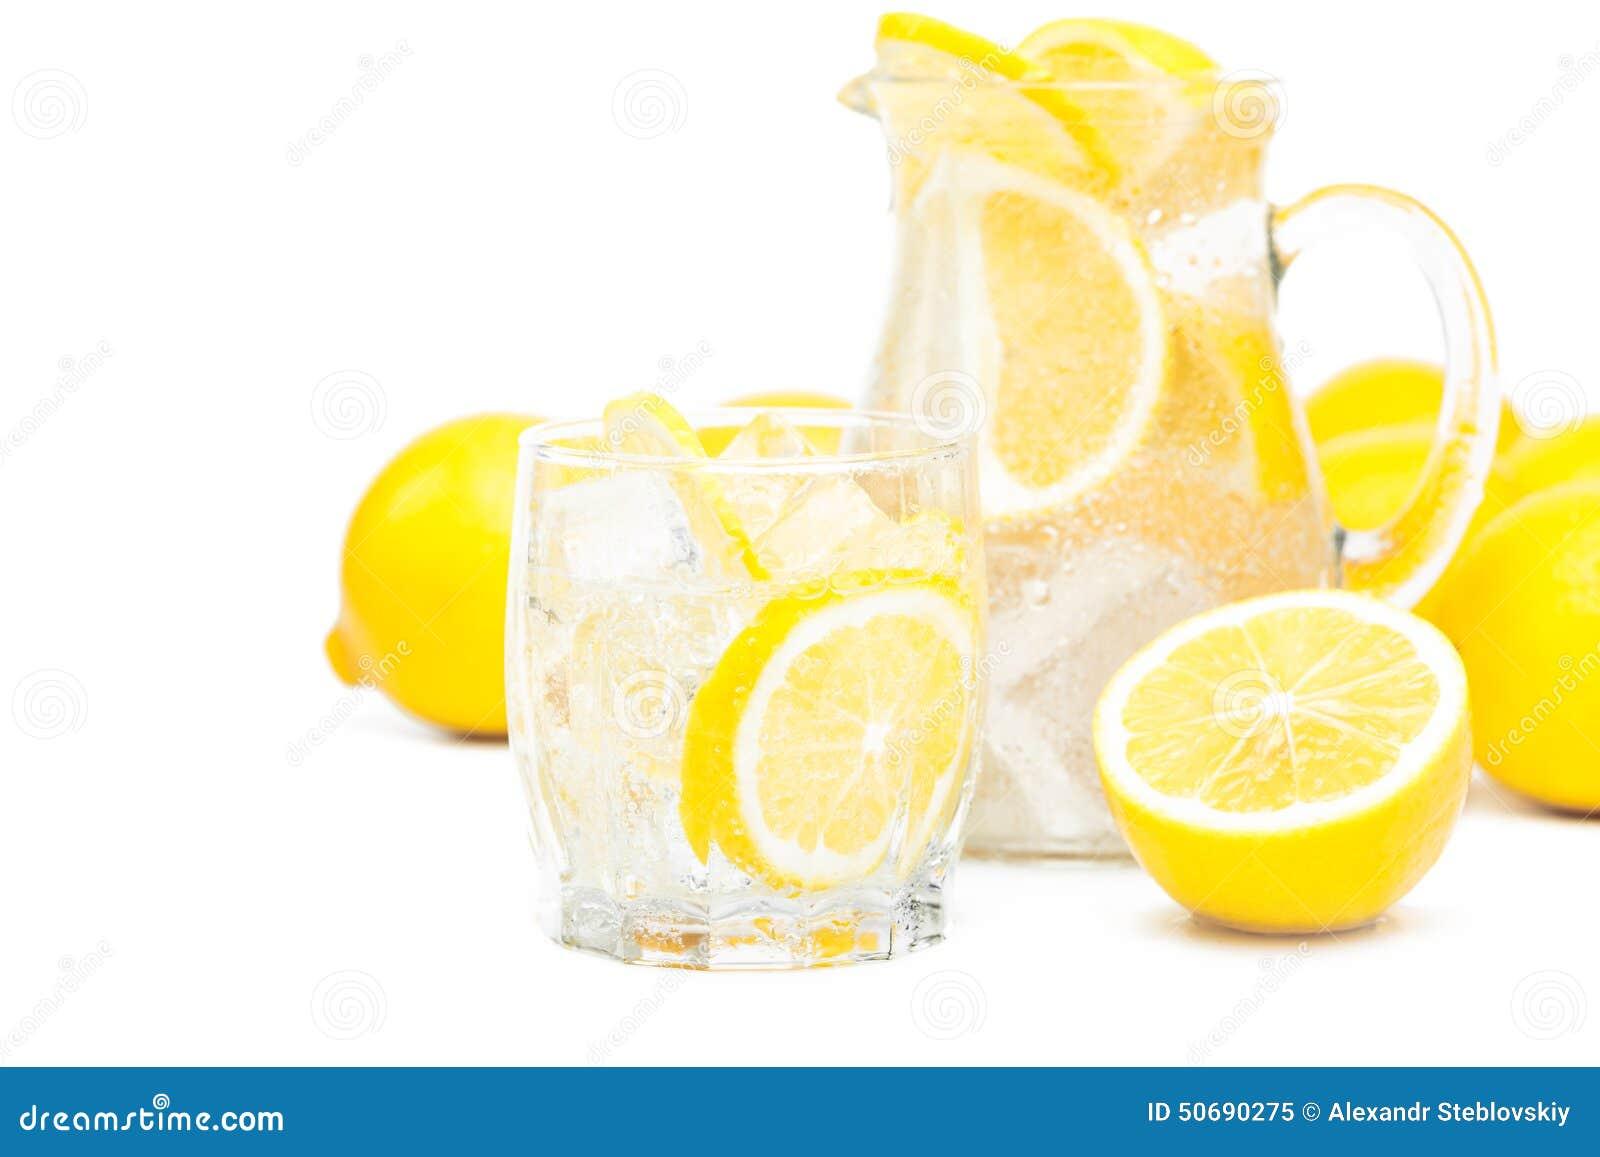 Download 新鲜的柠檬 库存图片. 图片 包括有 柑橘, 健康, 气候, 鸡尾酒, 特写镜头, 苹果酱, 饮料, bubblegum - 50690275